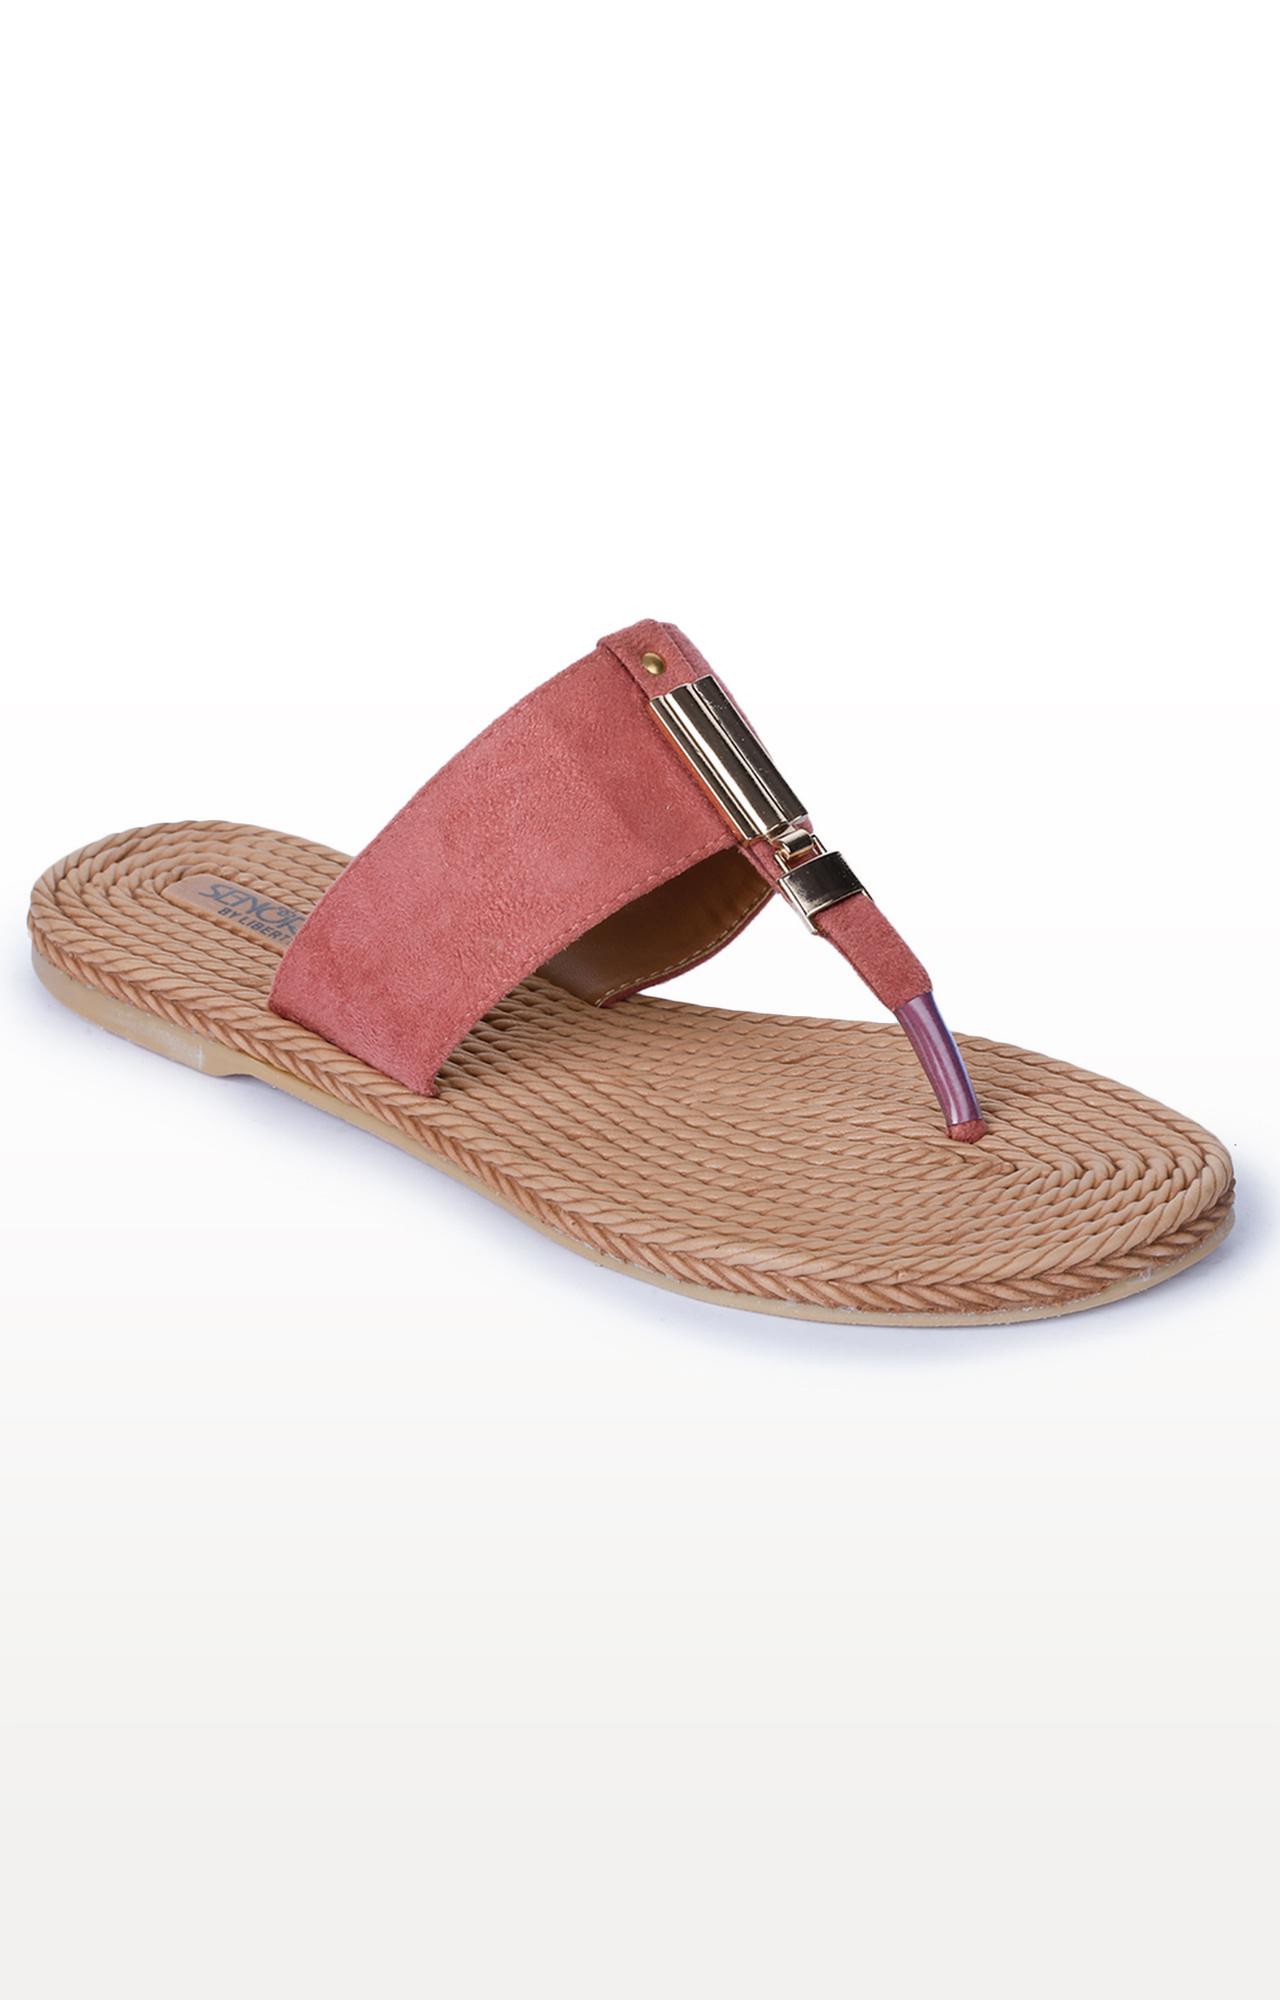 Liberty | Senorita by Liberty Pink Sandals